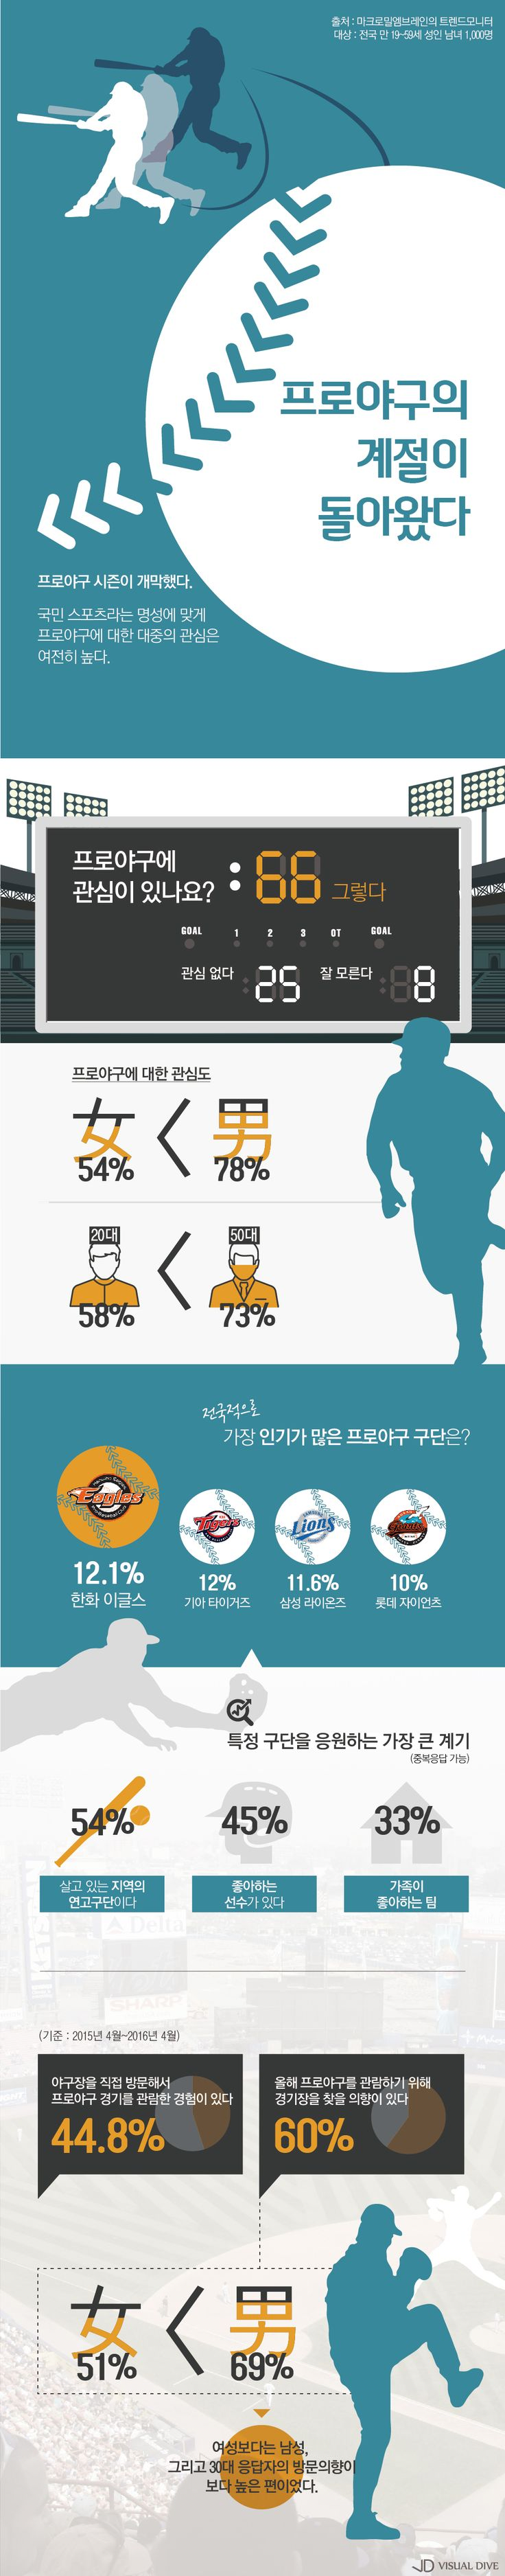 '돌아온 프로야구 계절!'…가장 인기 구단 어디? [인포그래픽] #KBO / #Infographic ⓒ 비주얼다이브 무단 복사·전재·재배포 금지